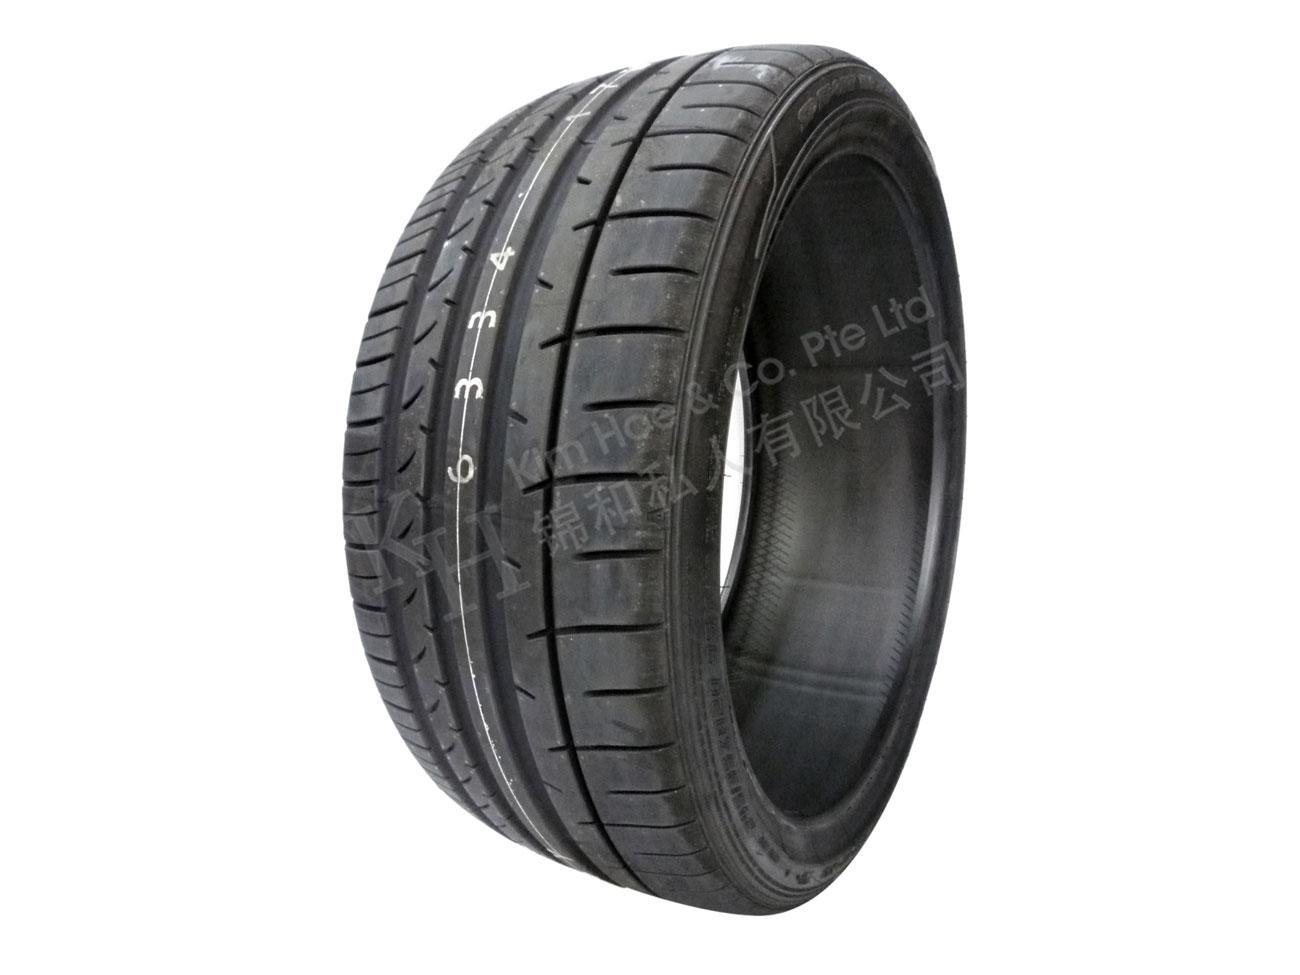 Dunlop SP Sport Maxx 050+ 215/55/R16 Tyre